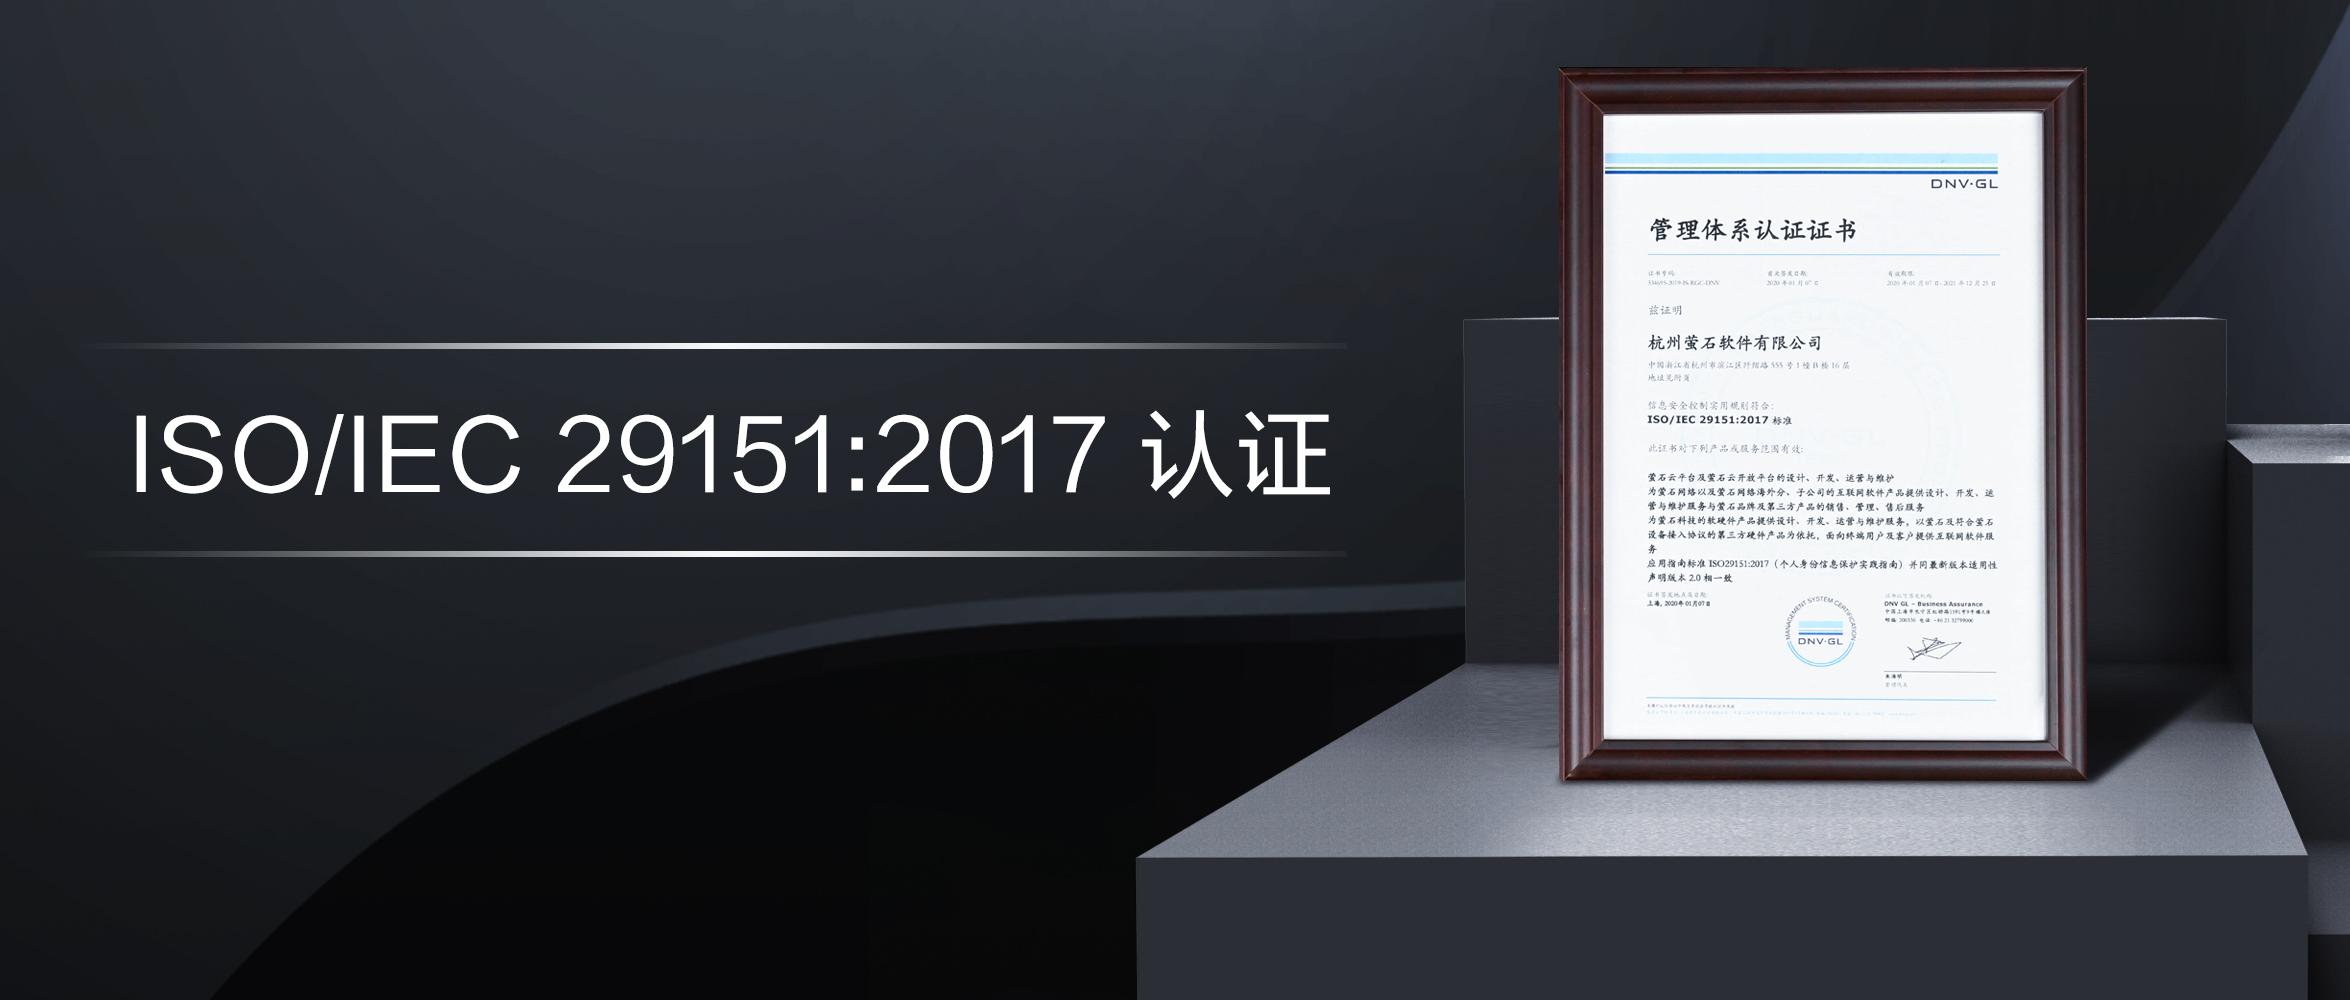 微信图片_20200115153917